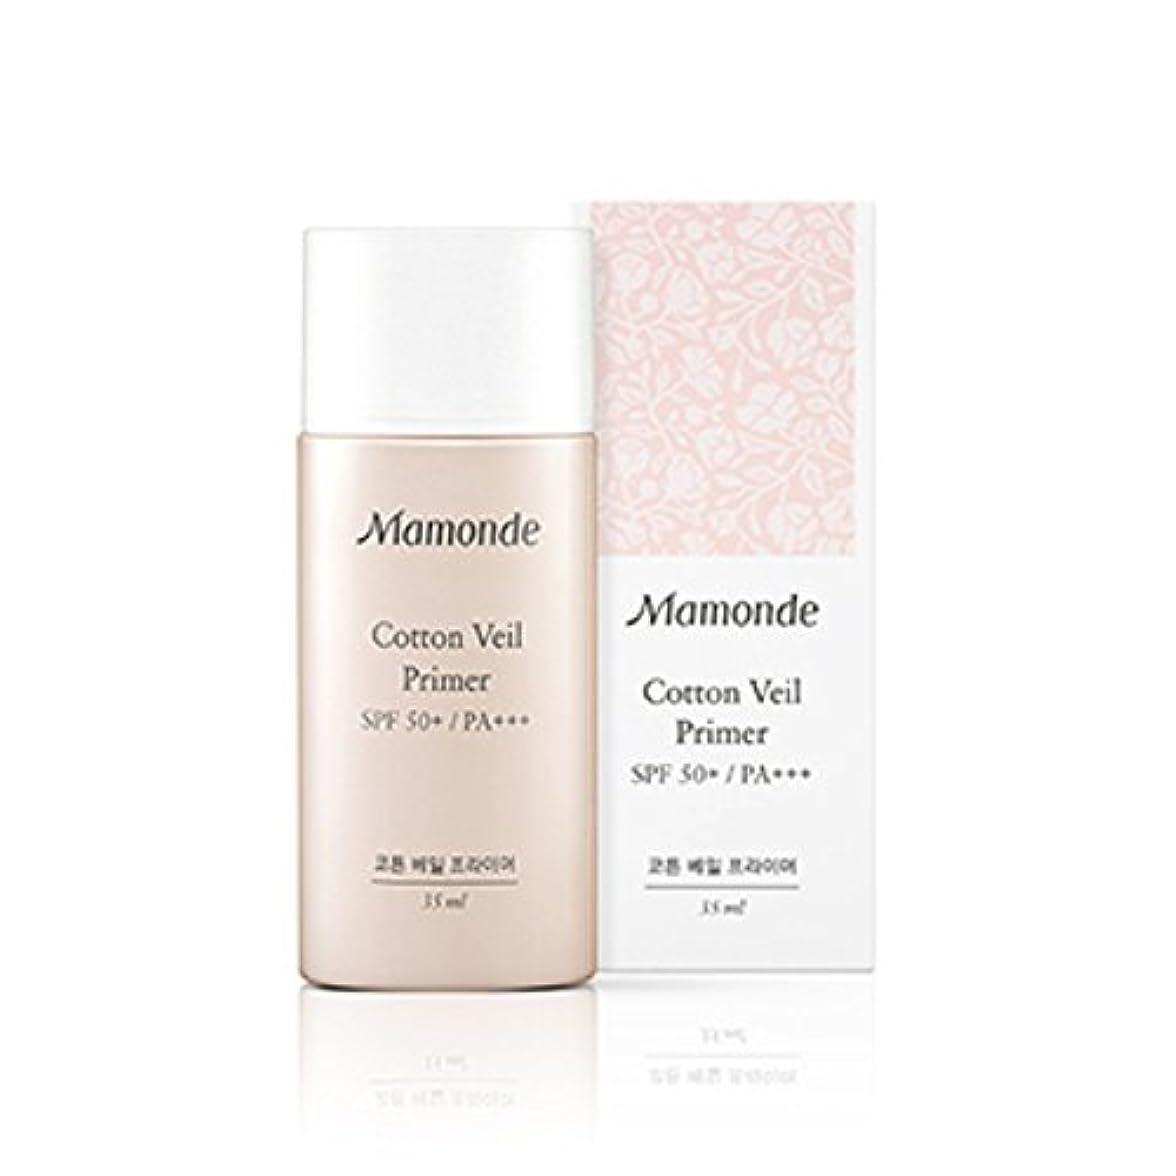 政府放牧する揮発性[New] Mamonde Cotton Veil Primer (SPF50+ PA+++) 35ml/マモンド コットン ベール プライマー (SPF50+ PA+++) 35ml (#2 Beige Rose) [...